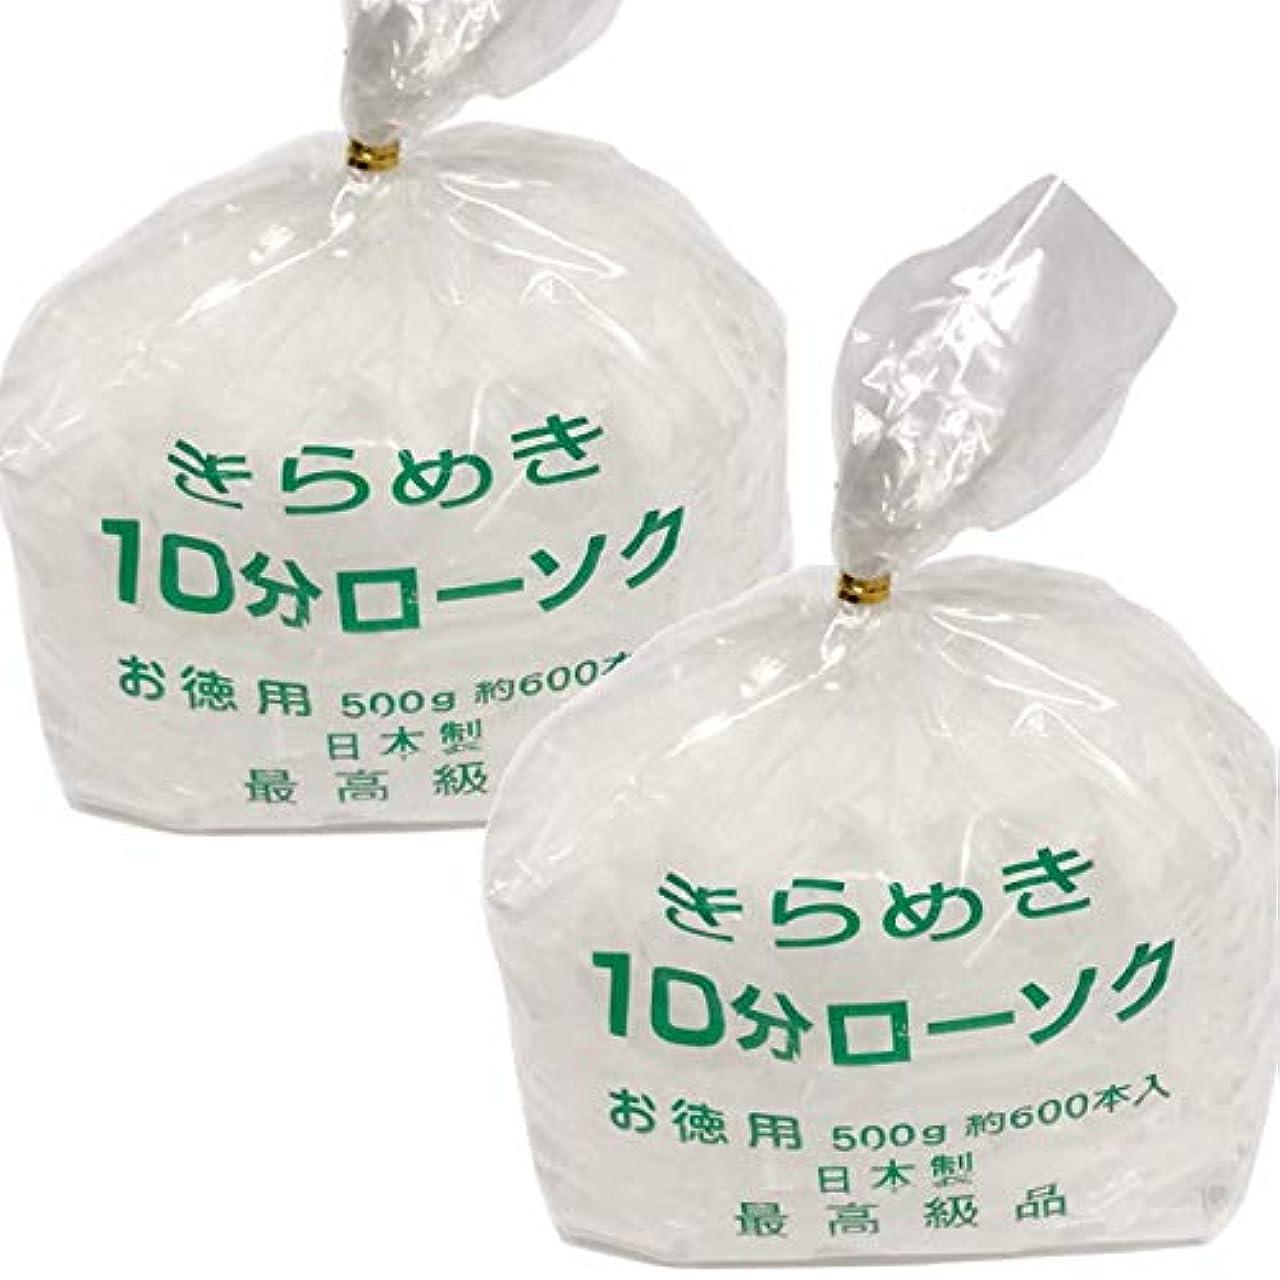 極端な蒸留農奴東亜ローソク ミニロウソク きらめき お徳用袋入 5分?10分 (10分ローソク2袋)